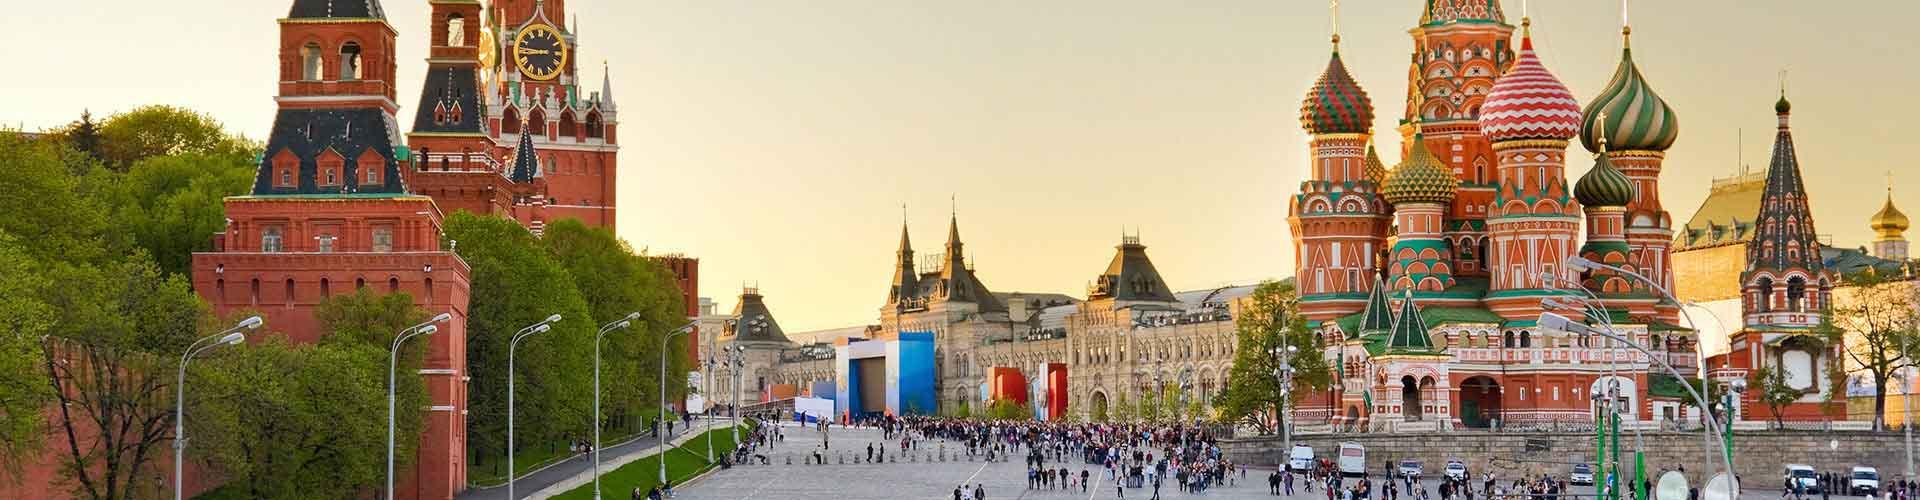 Moskwa - Hostele w mieście: Moskwa, Mapy: Moskwa, Zdjęcia i Recenzje dla każdego hostelu w mieście Moskwa.